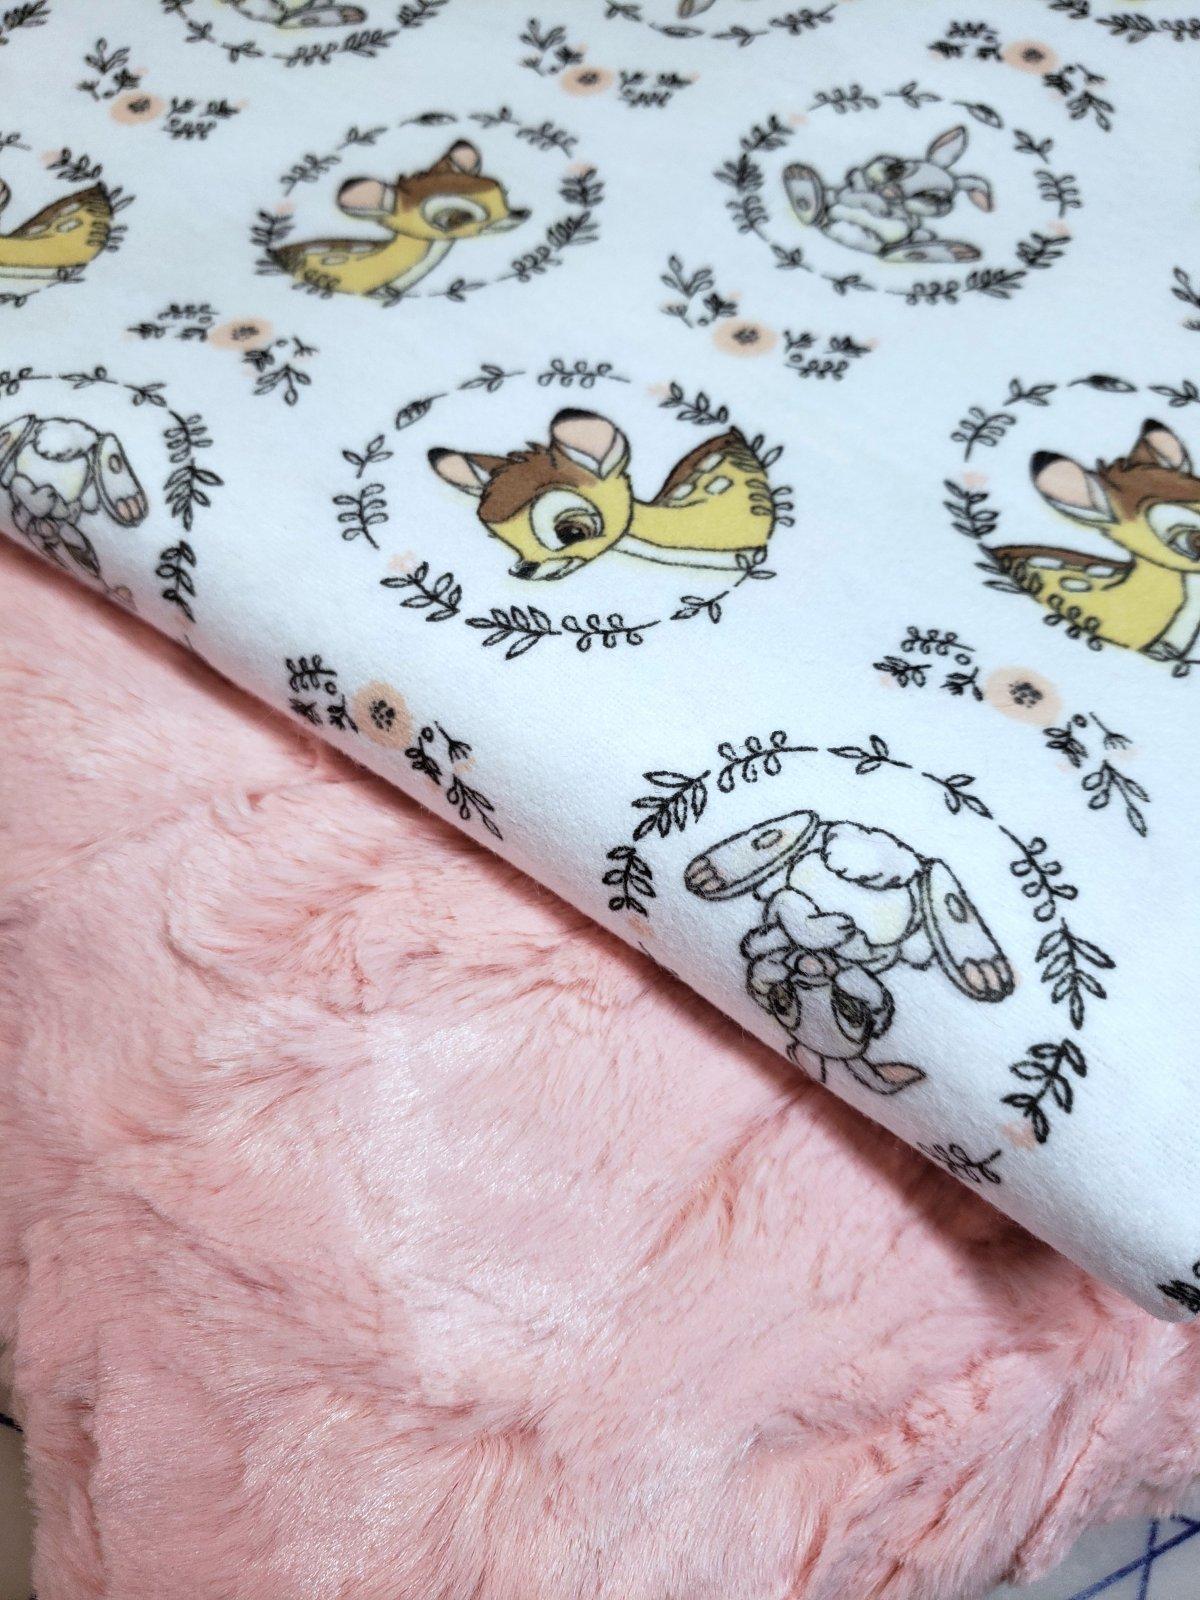 5 Minute Miter Kit - Toddler Size - Bambi